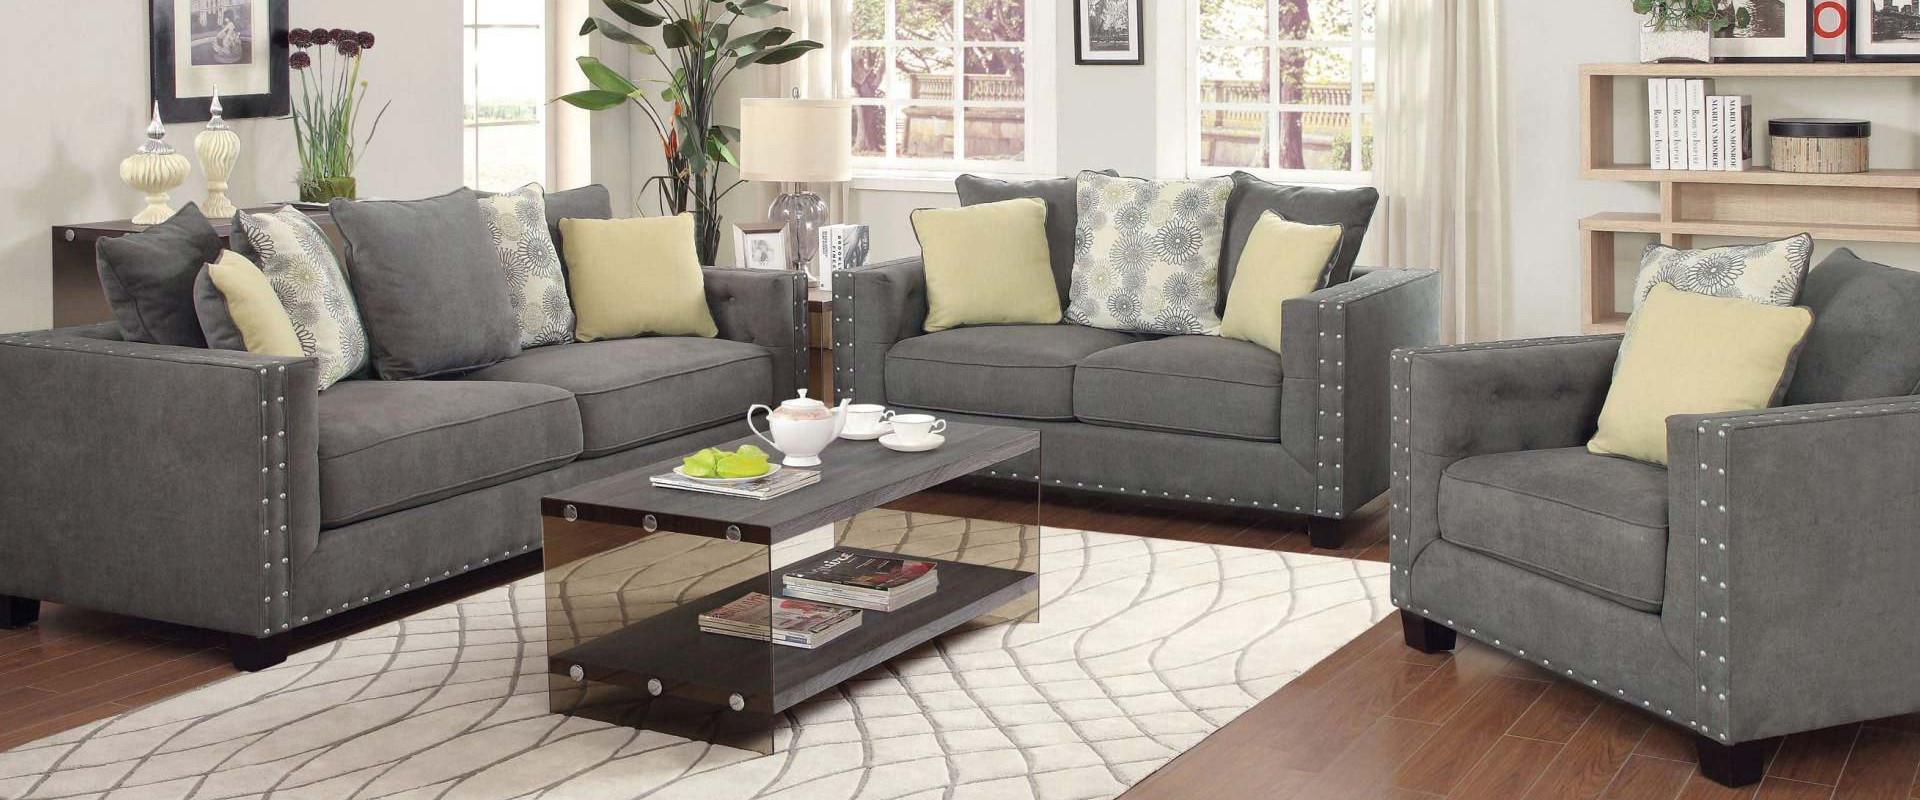 Hoe kunnen meubels voor meer sfeer zorgen in je huis?